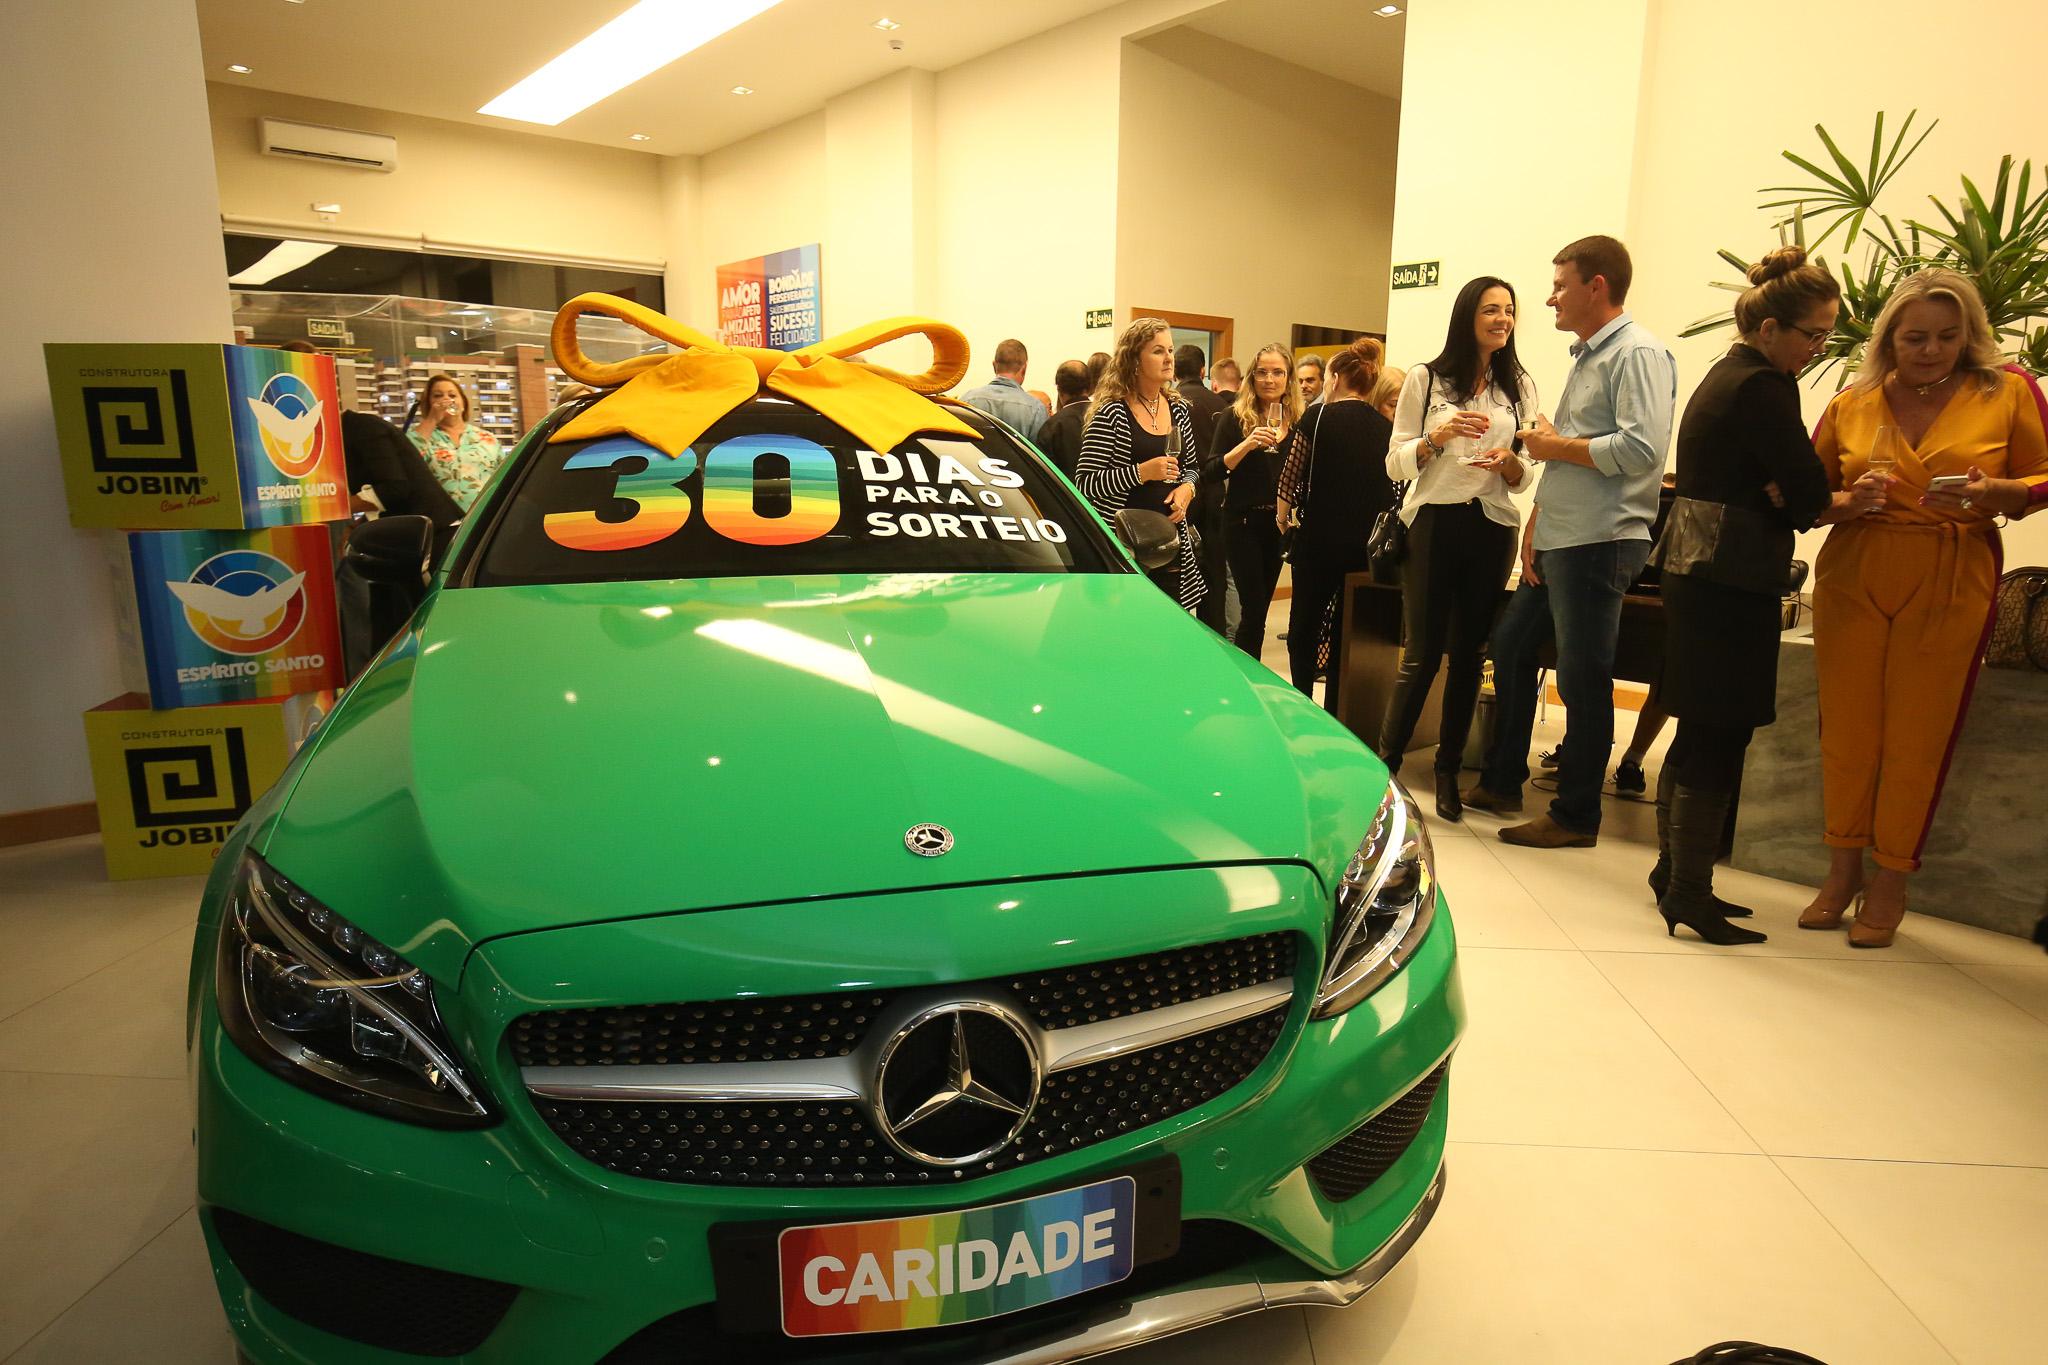 Evento de contagem regressiva para o sorteio da Mercedes C250 Coupé